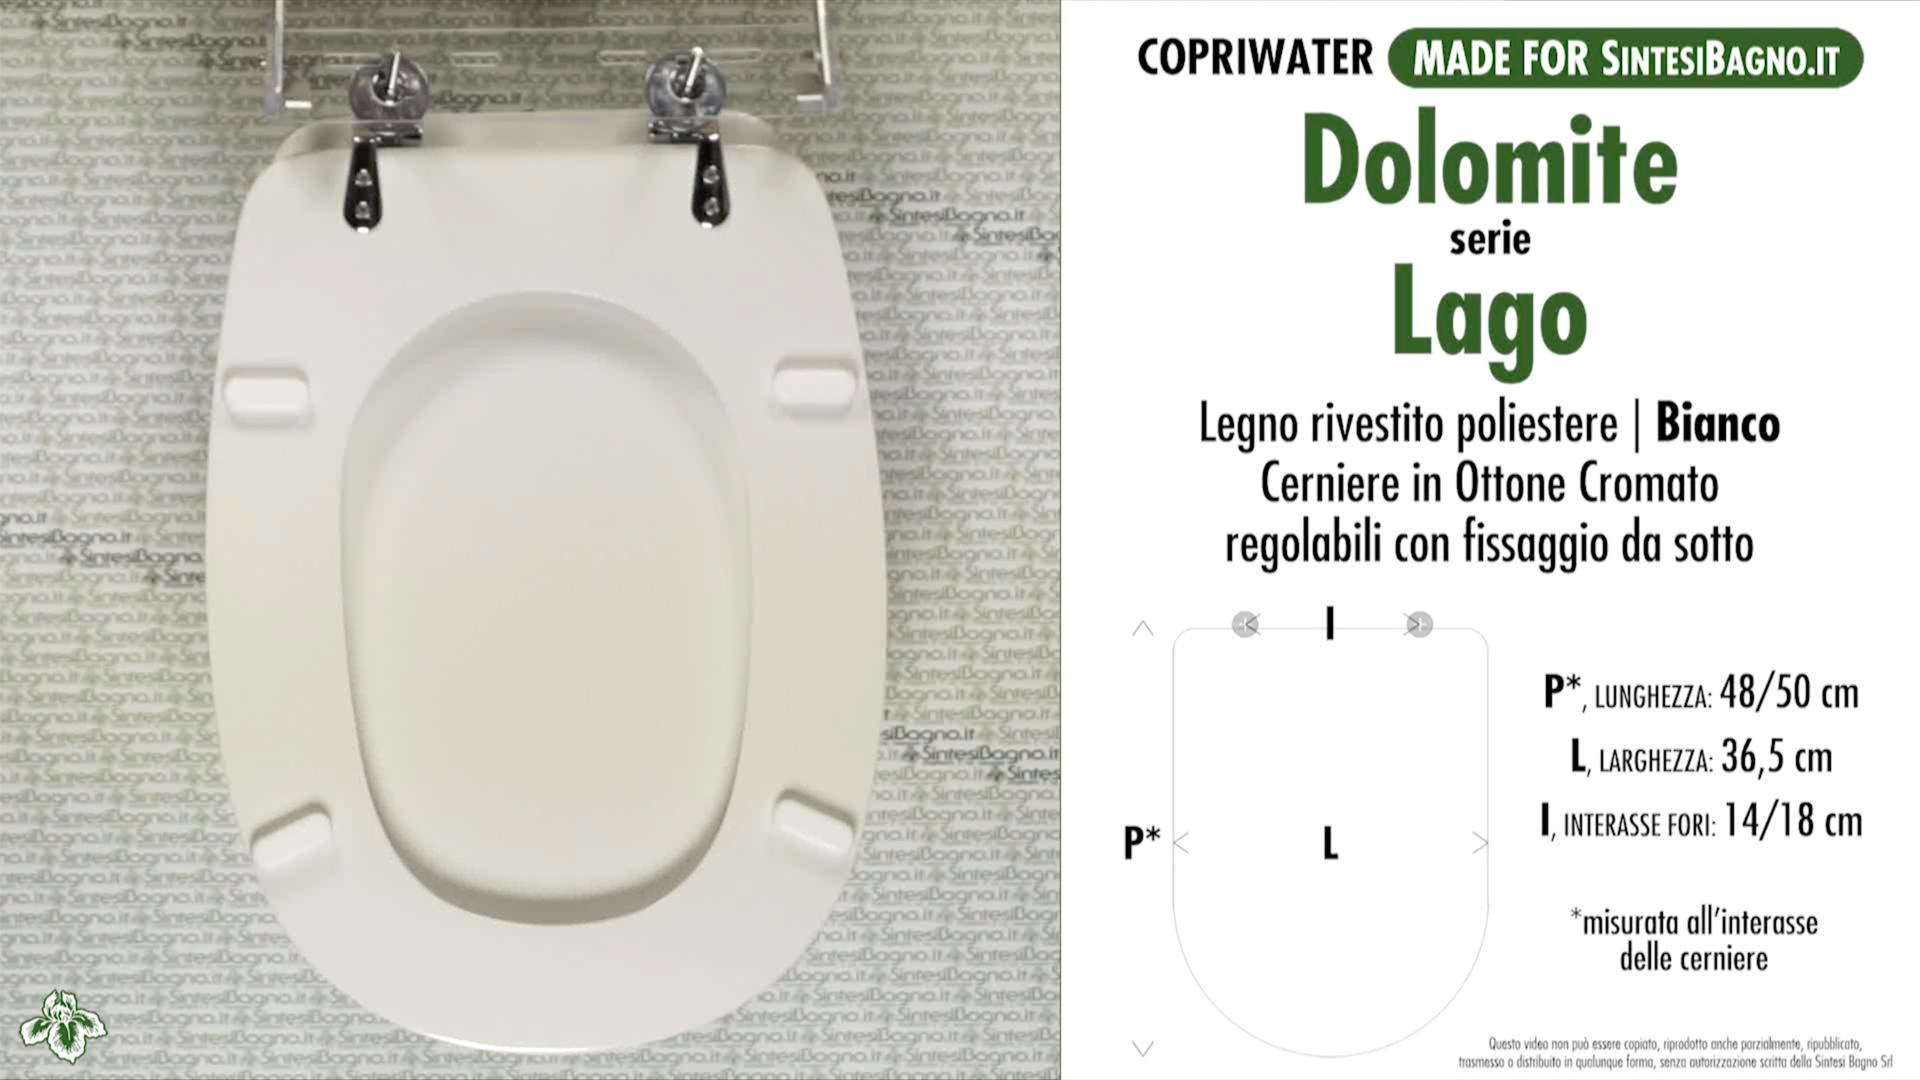 SCHEDA TECNICA MISURE copriwater DOLOMITE LAGO